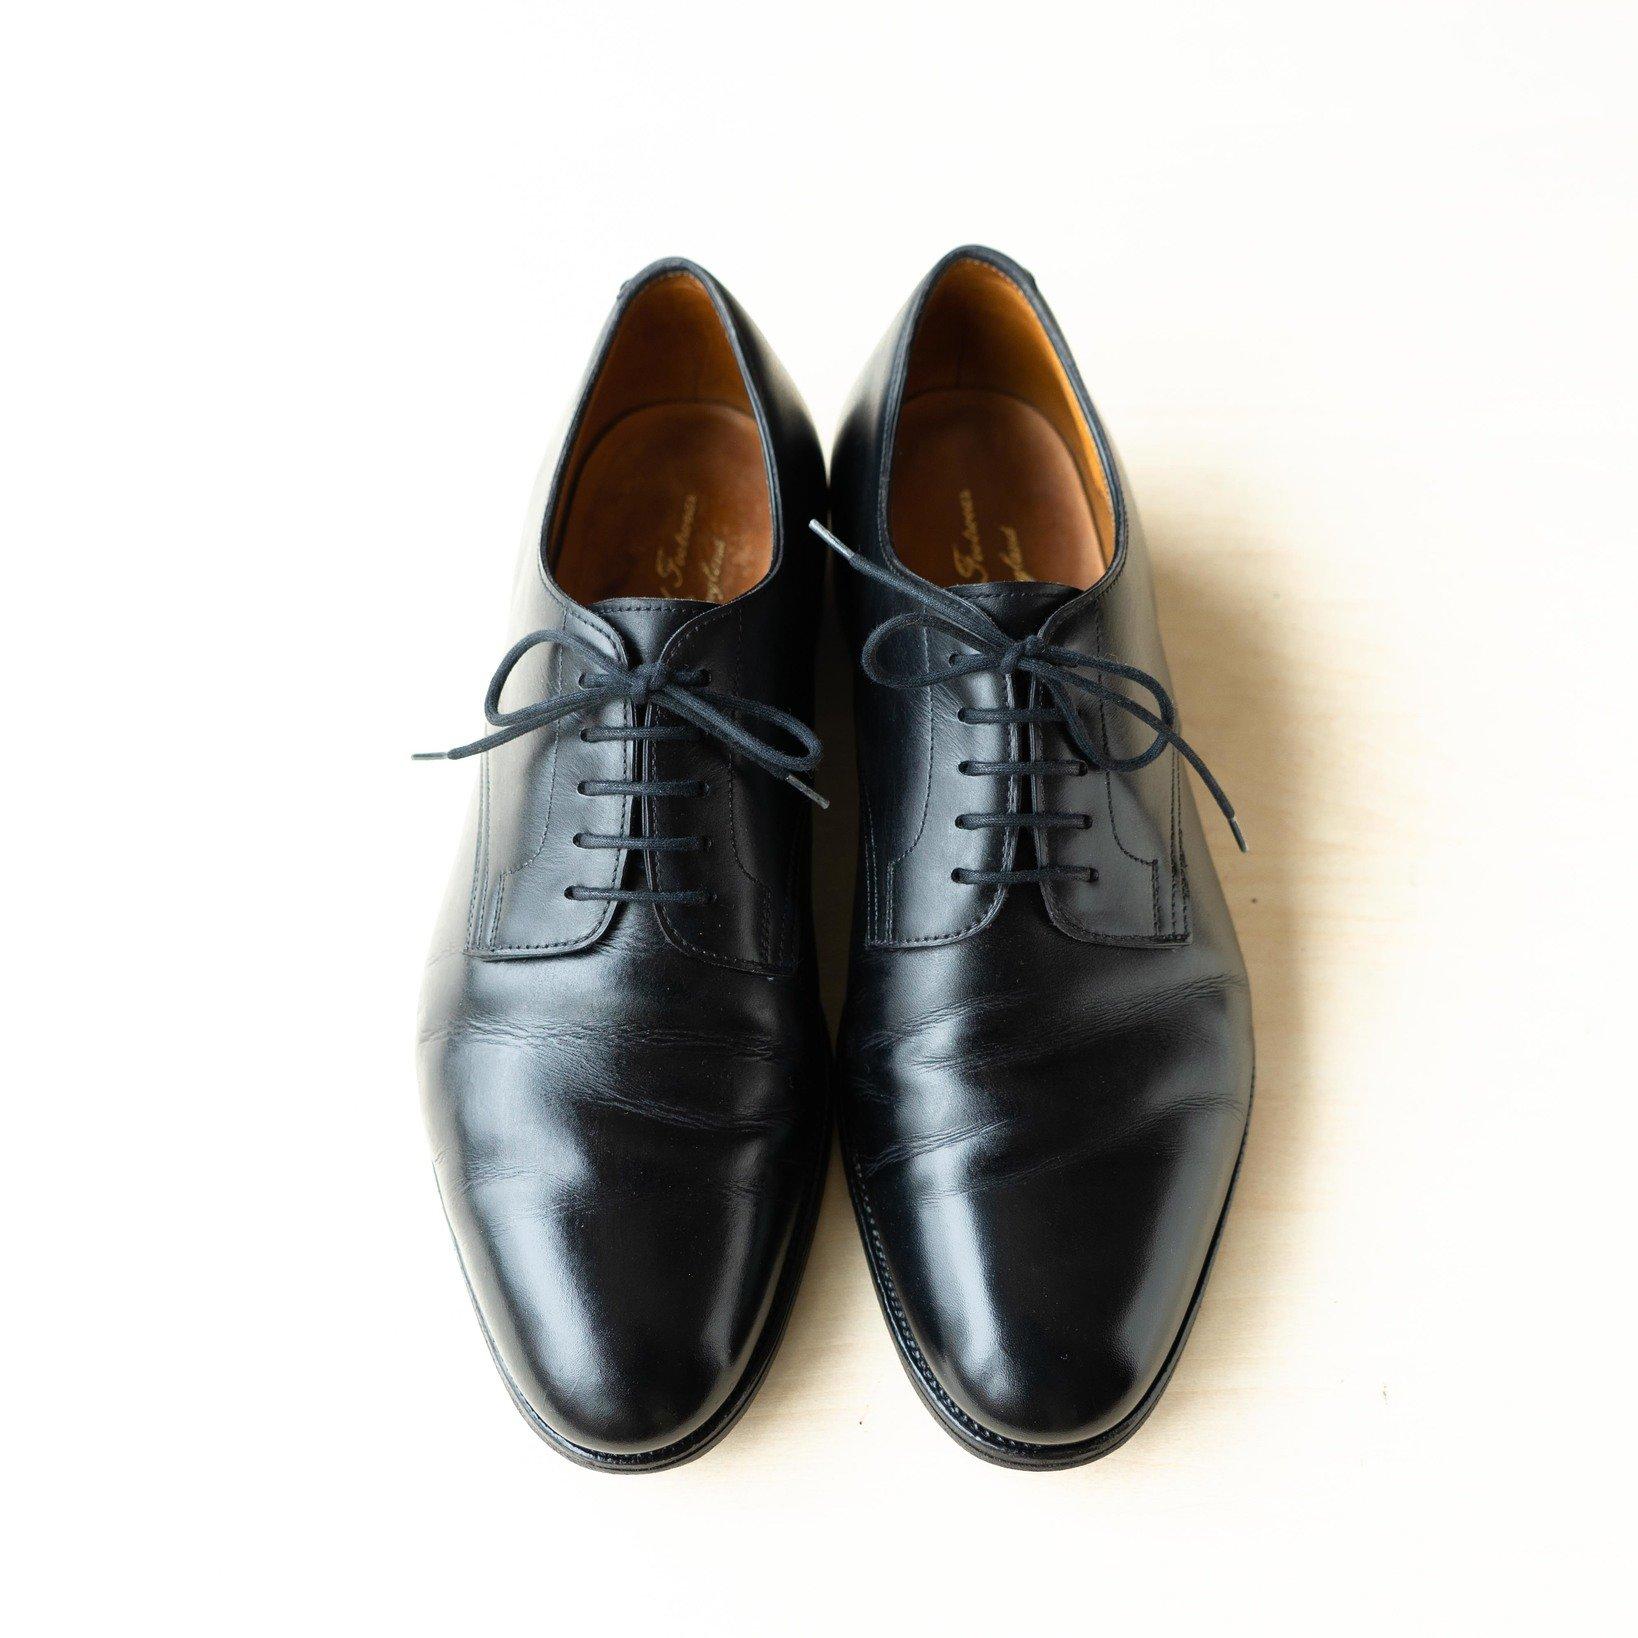 ブランド名:LLOYD FOOTWEAR スタイル:外羽根式プレーントウ ペットネーム:WINDERMERE